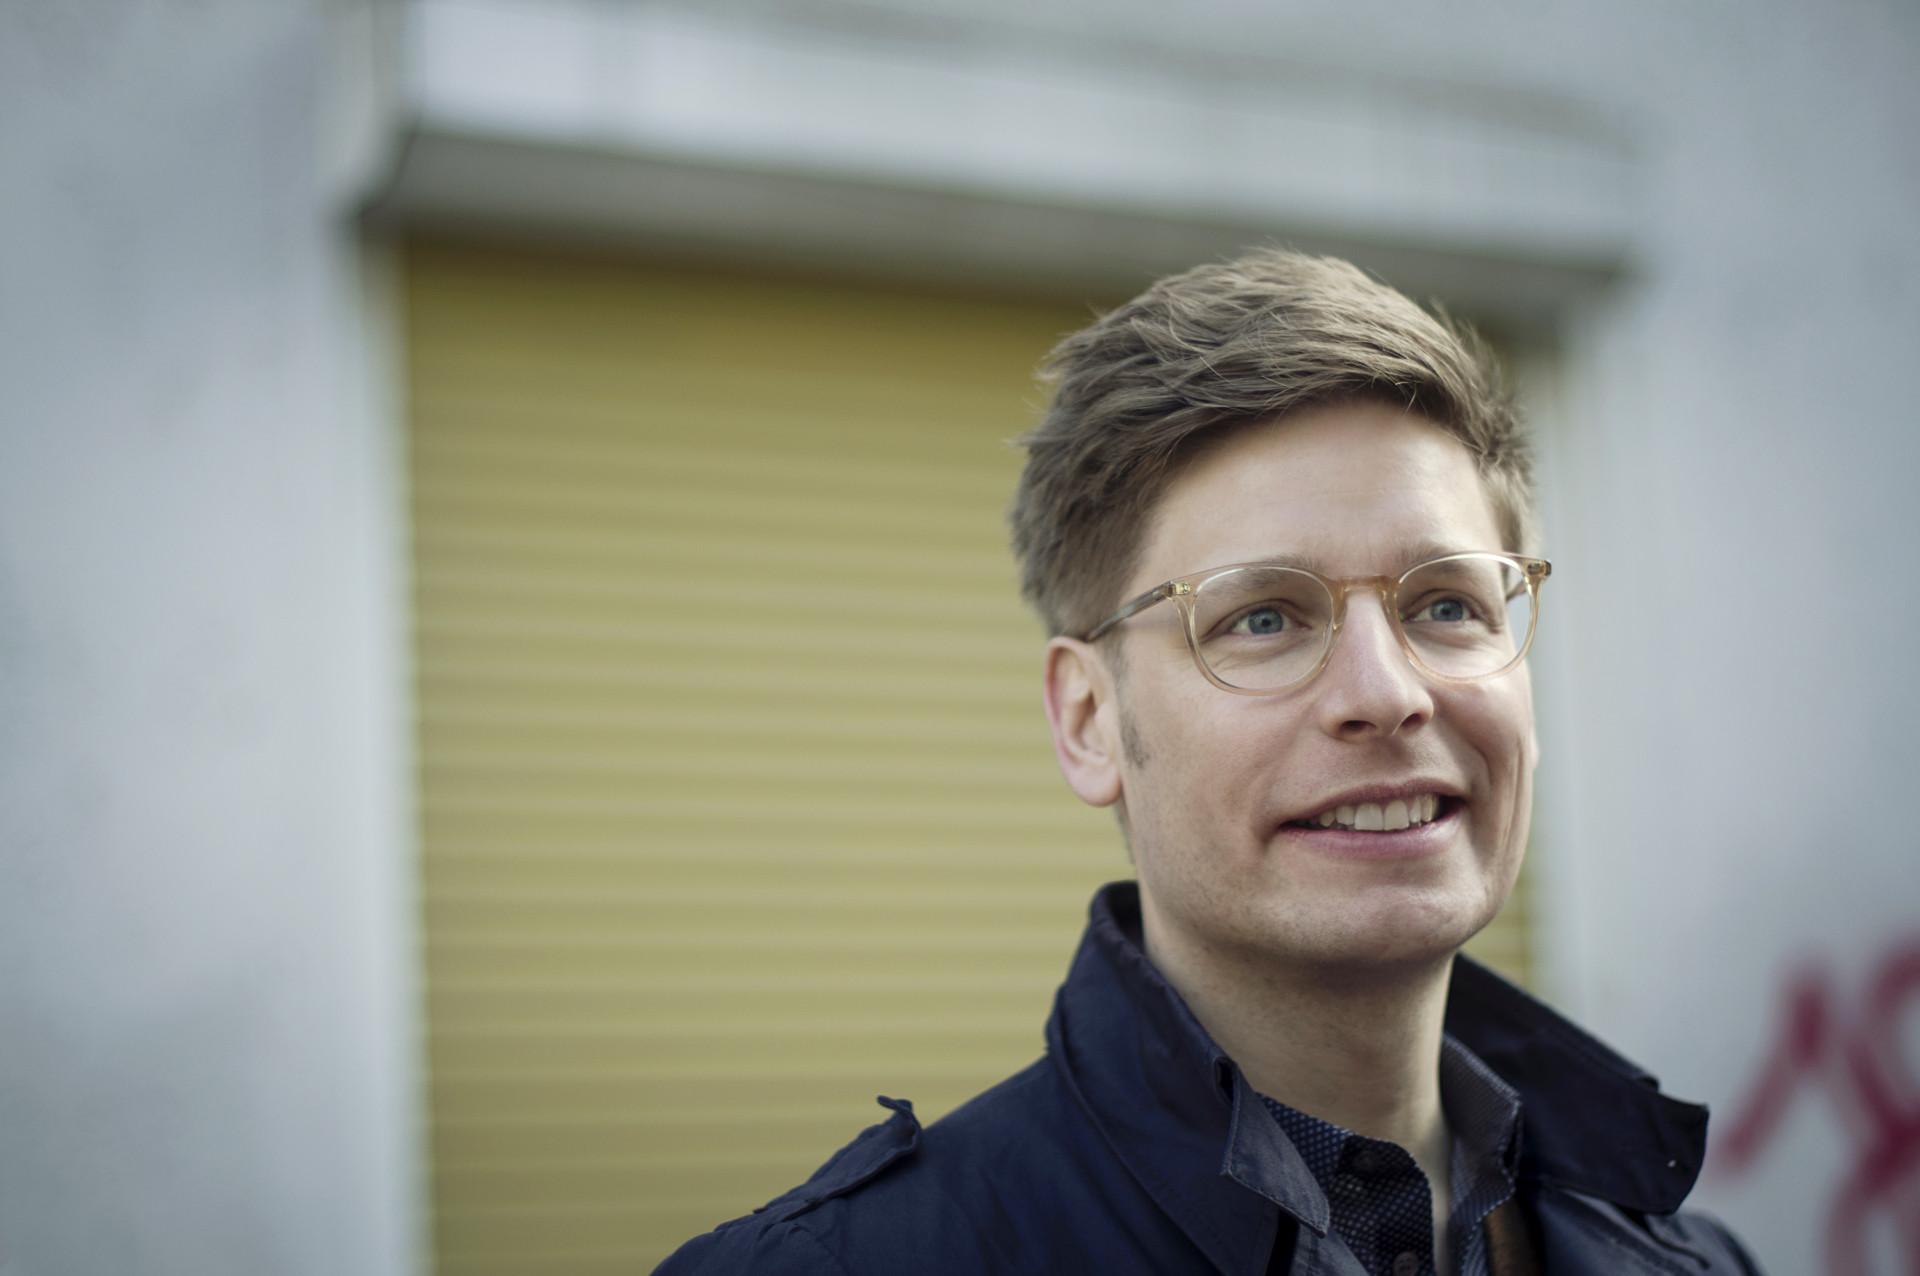 Constantin Eberle (creative director)